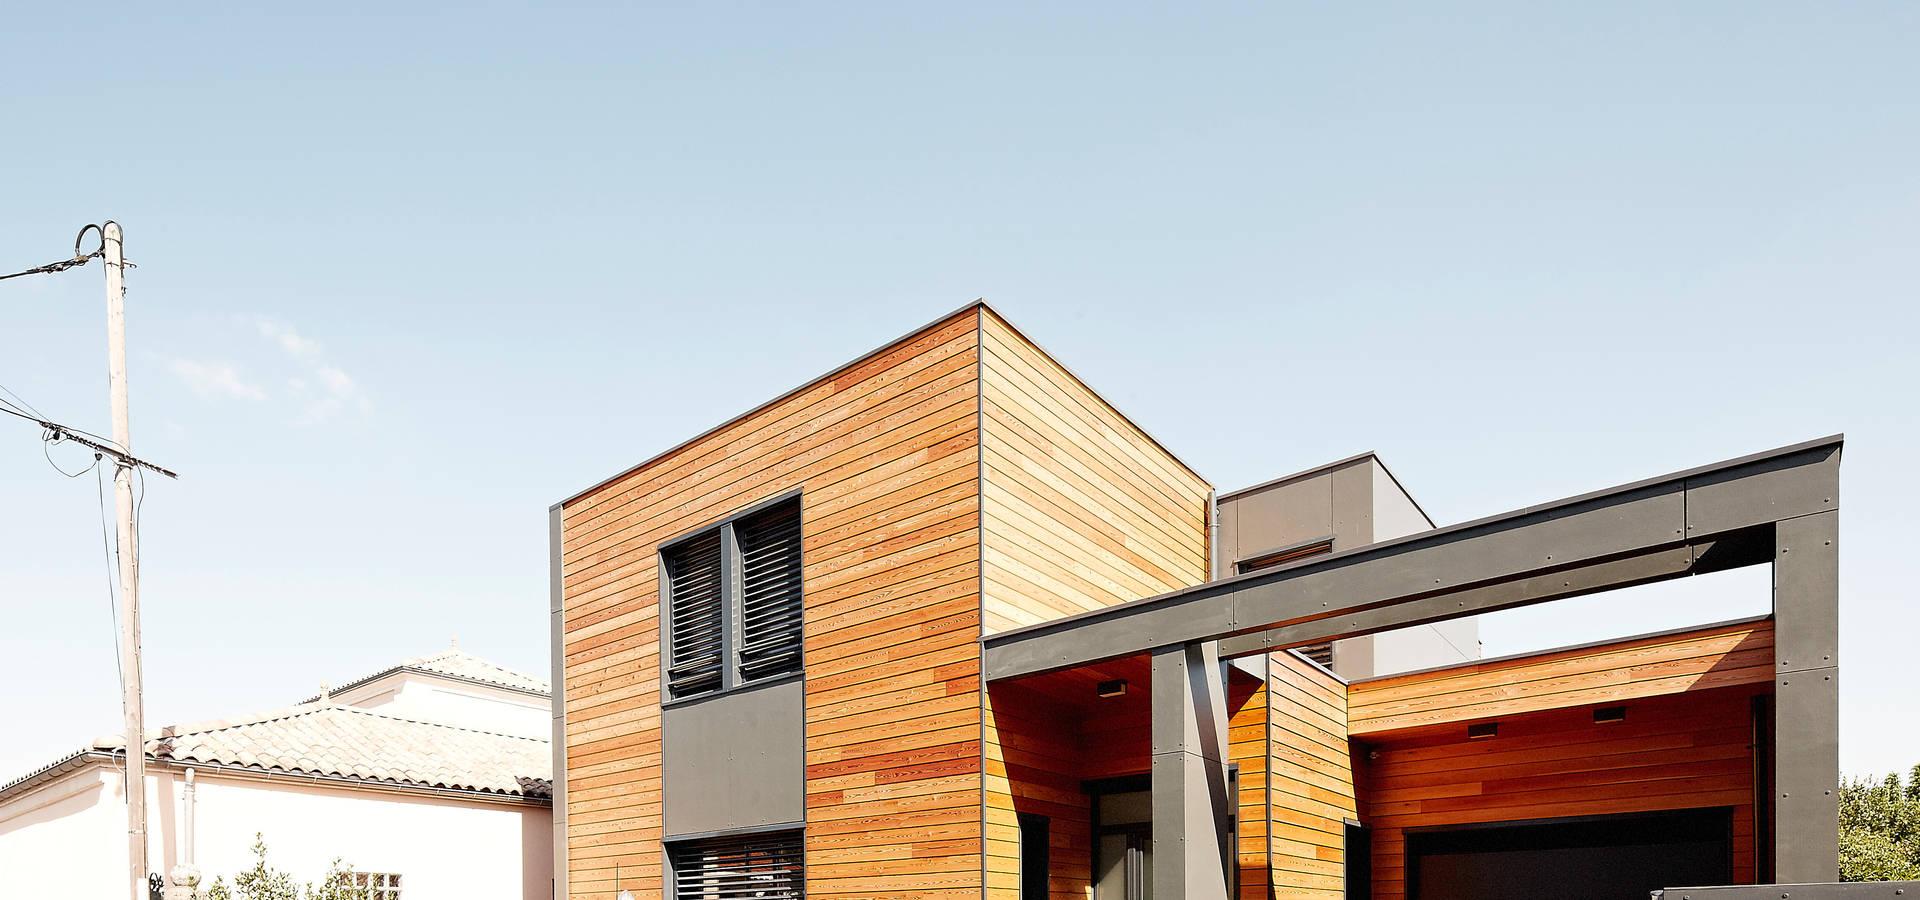 maison l33 by cendrine deville jacquot architecte dplg a b2d homify. Black Bedroom Furniture Sets. Home Design Ideas